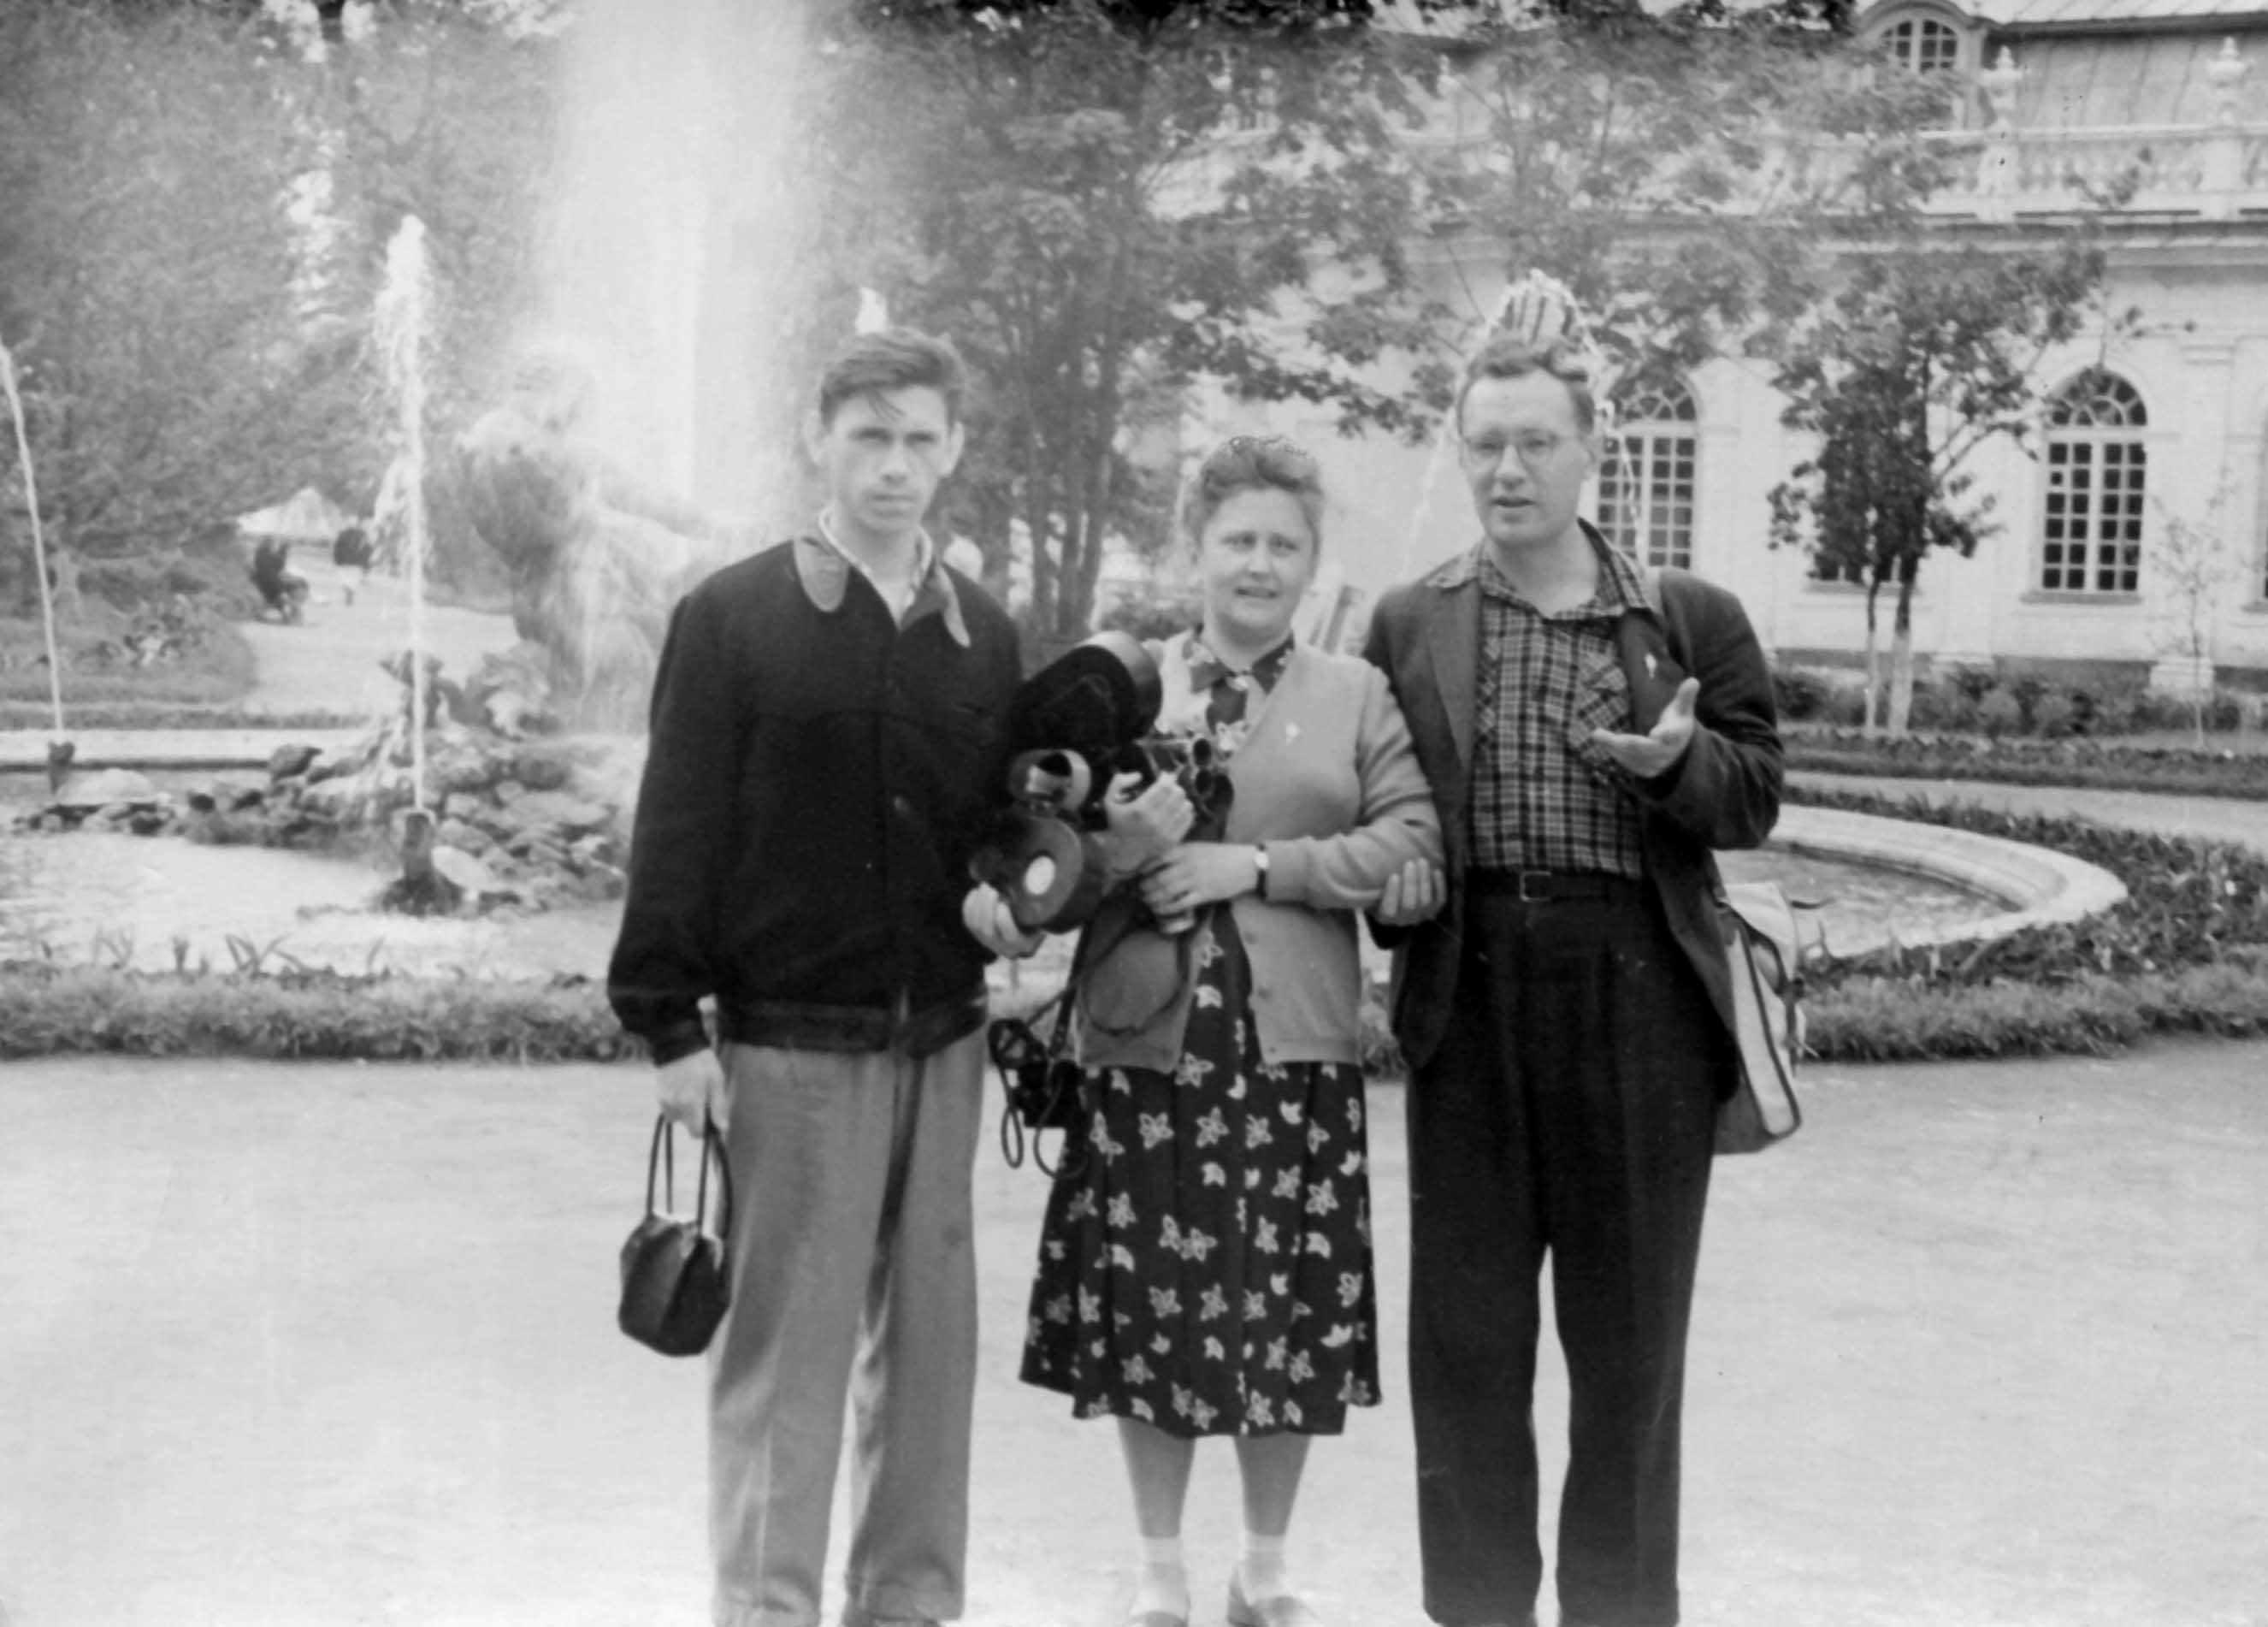 Экспонат #34. С Виктором Бежкиным и Григорием Пльчаком в Петергофе. 1957 год